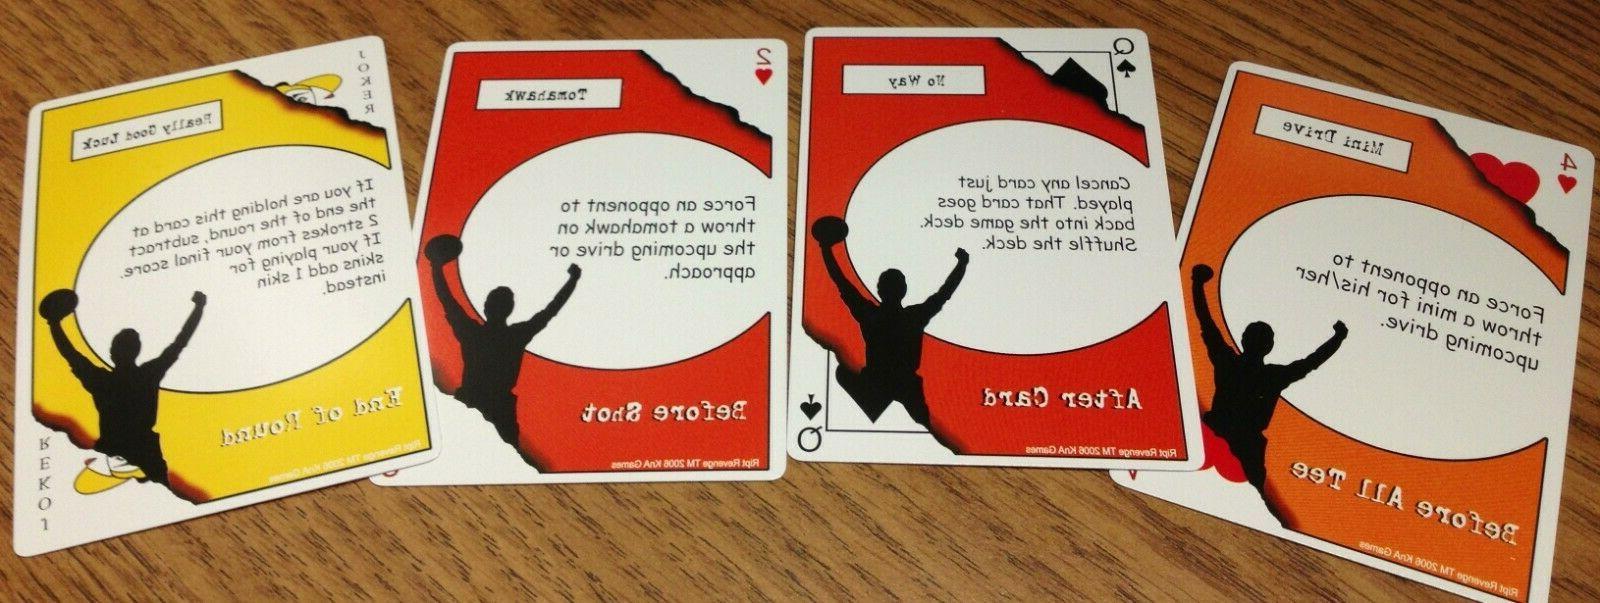 RIPT Revenge Disc Card Innova KNA Fast Shipping